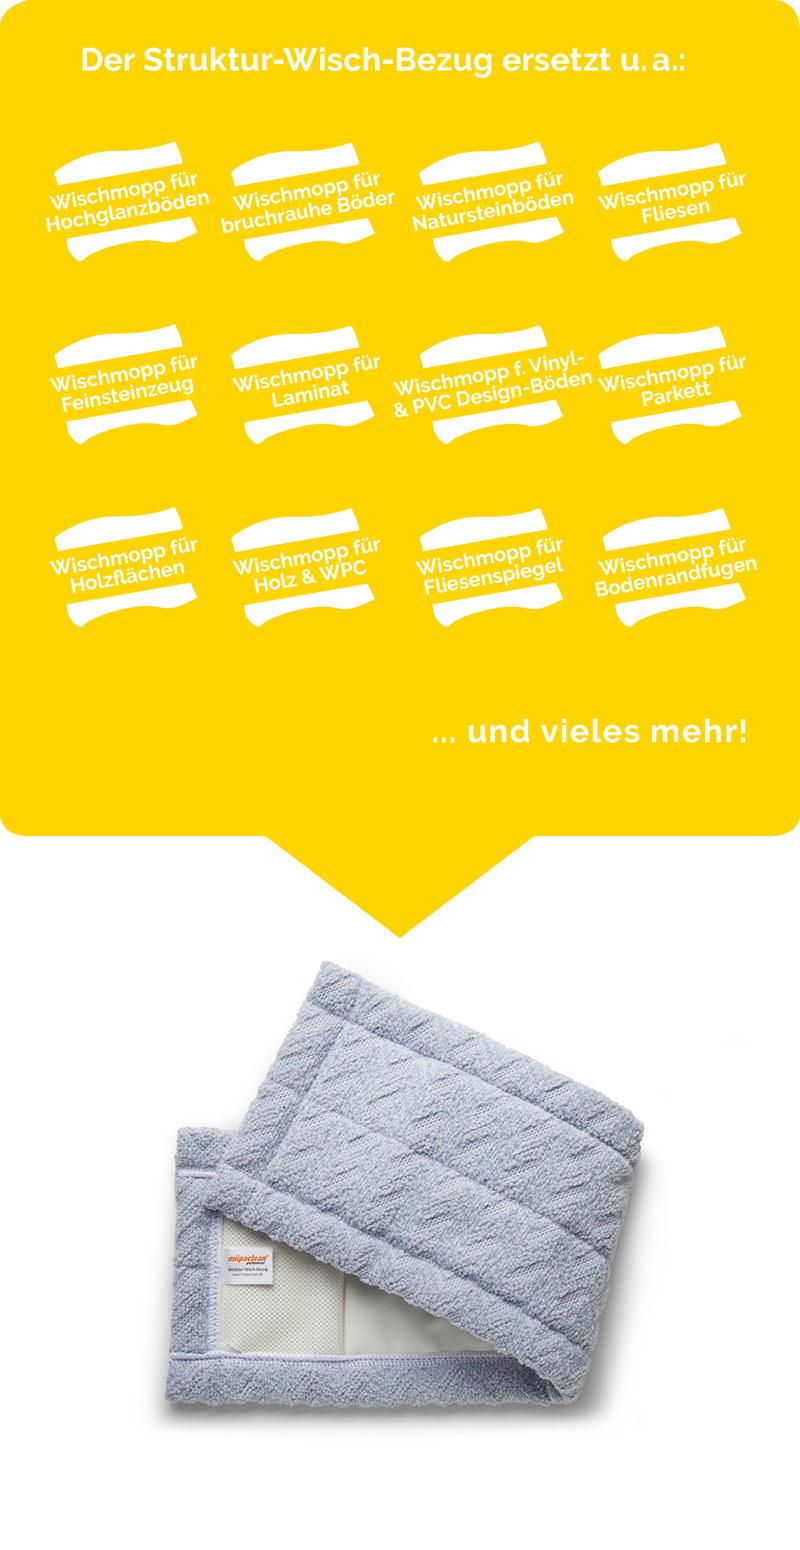 Nass- und Feucht-Taschenwischbezug mit Zick-Zack-Rippenstruktur zur Grund- und Unterhaltsreinigung verschmutzter Fußbodenbeläge